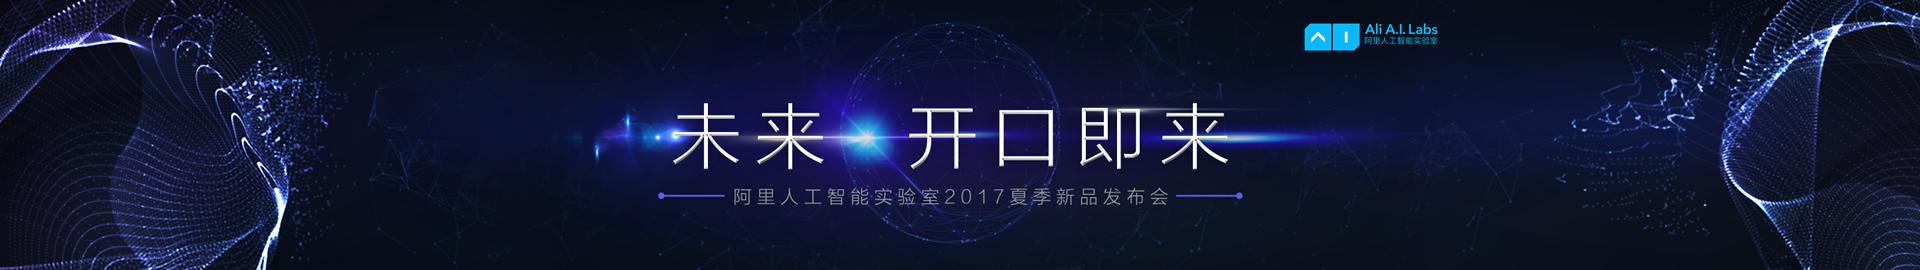 未来·开口即来 阿里智能新品发布会直播